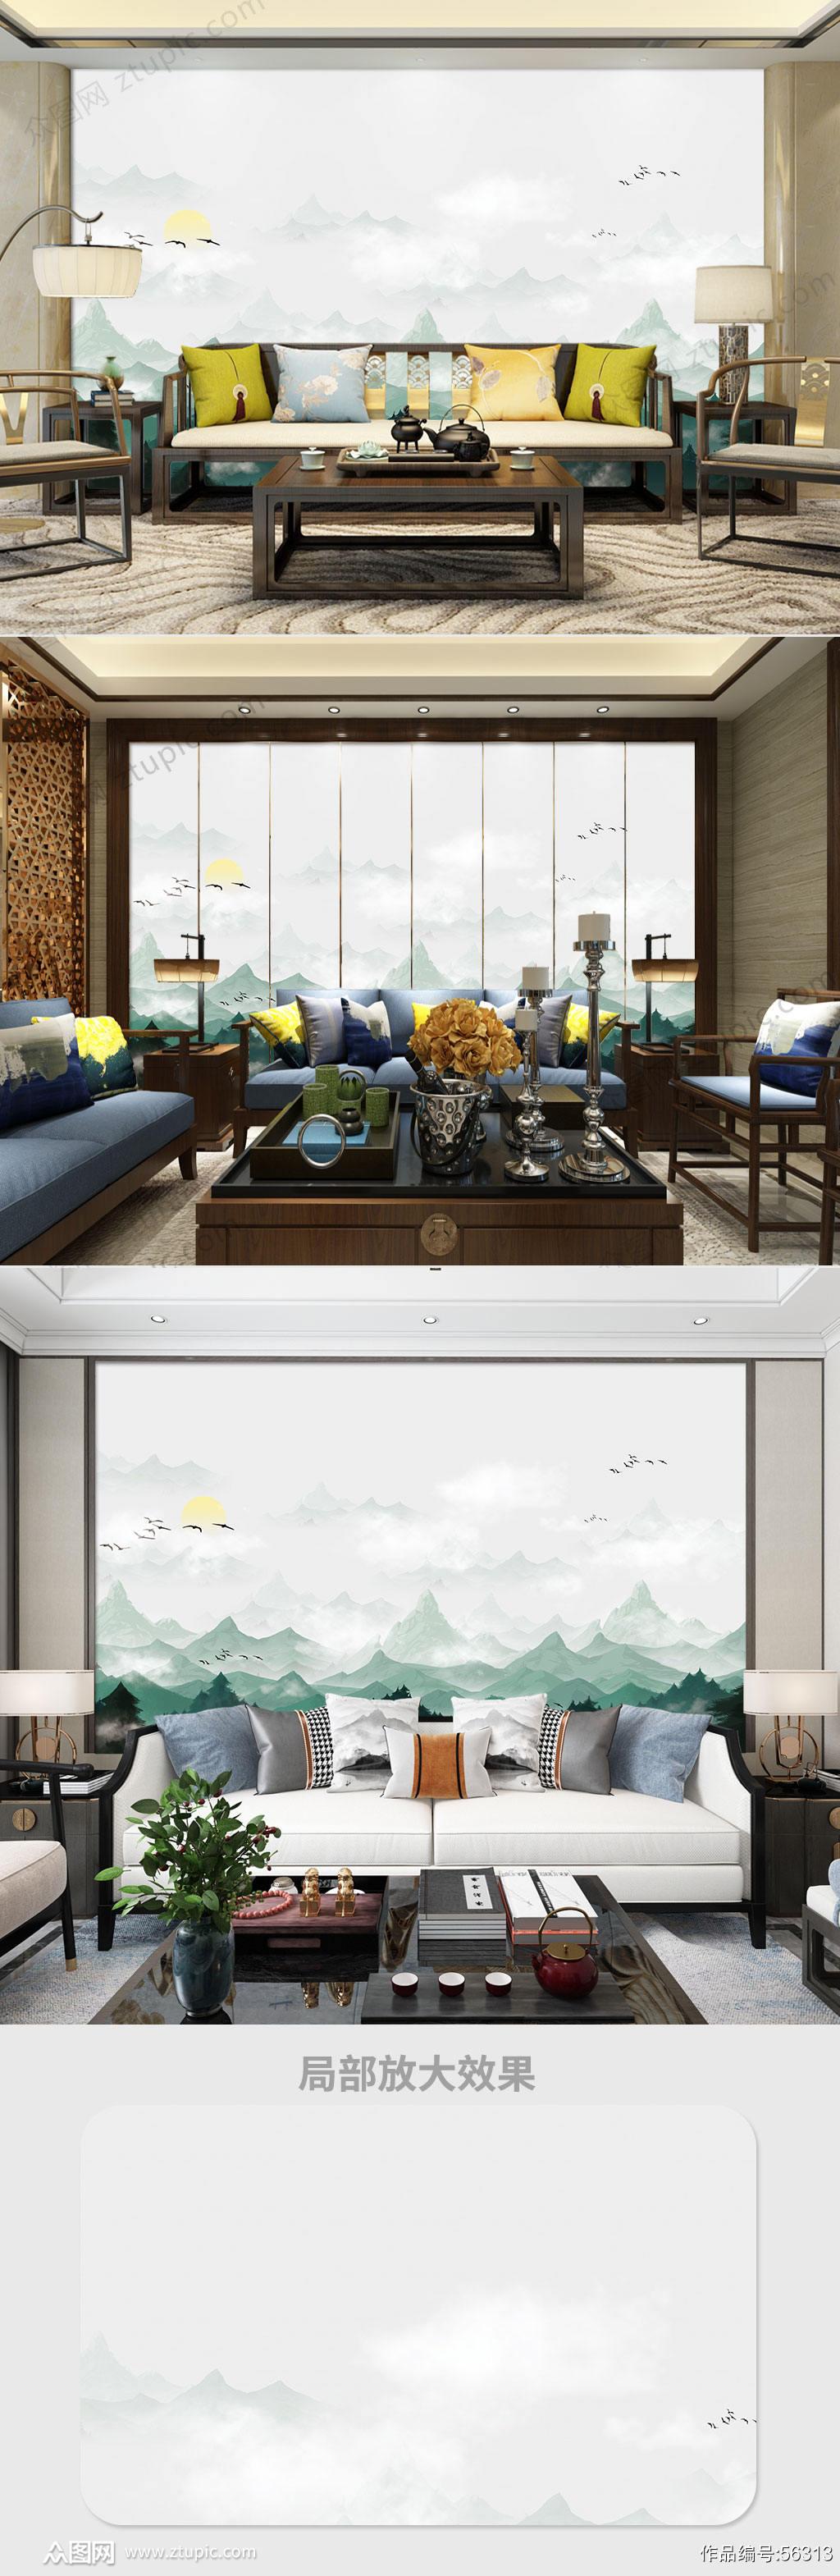 中式手绘山水电视背景墙素材